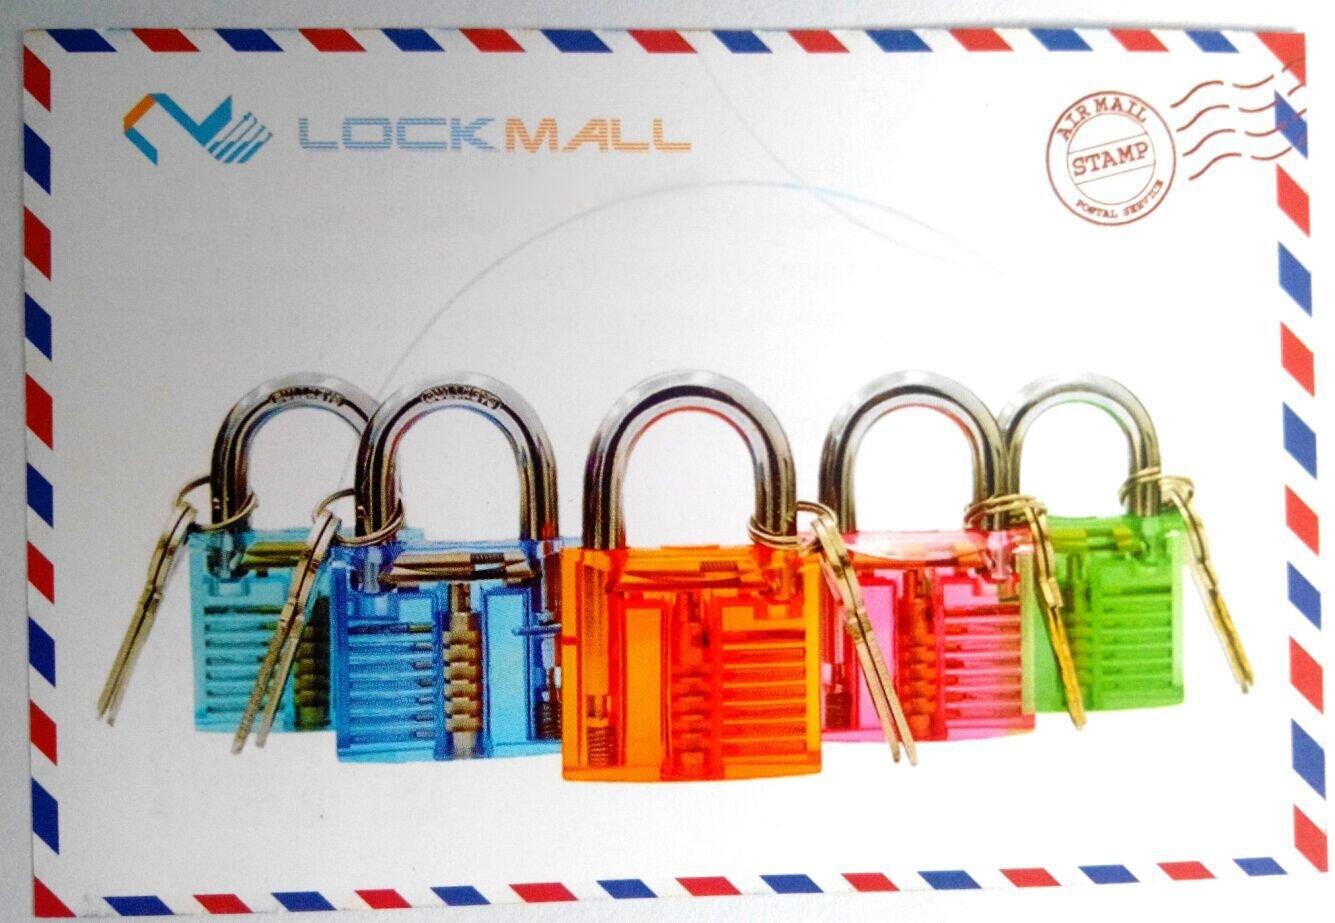 Bullkeys Master Full Set 7 Pcs Transparent Locks Family for Players Practice